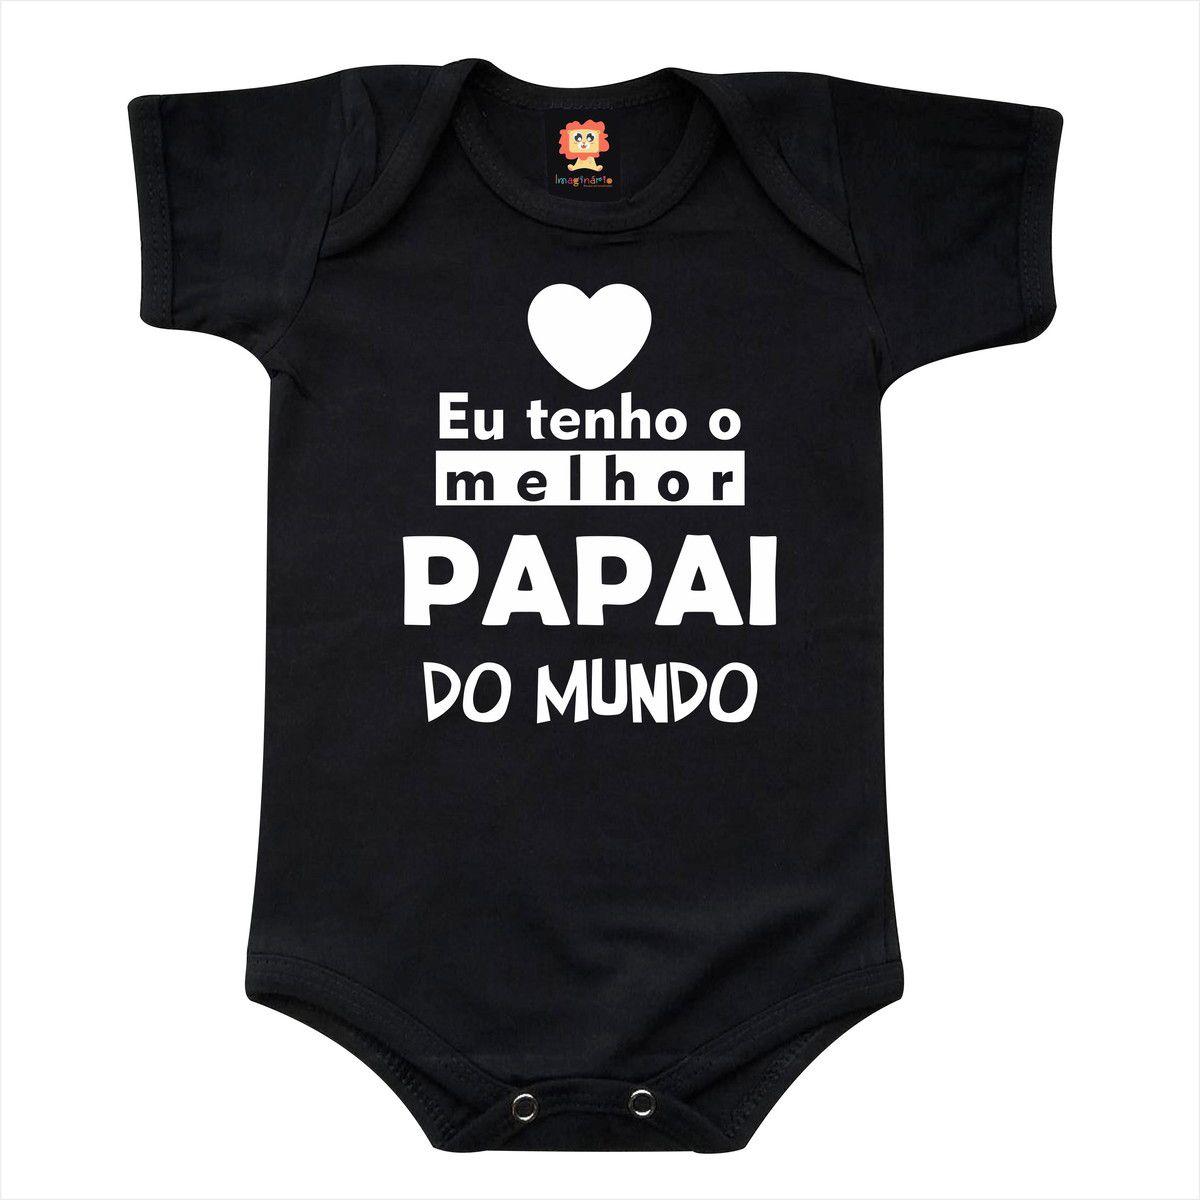 Roupinha Bebê ou Camiseta Eu Tenho O Melhor Papai do Mundo